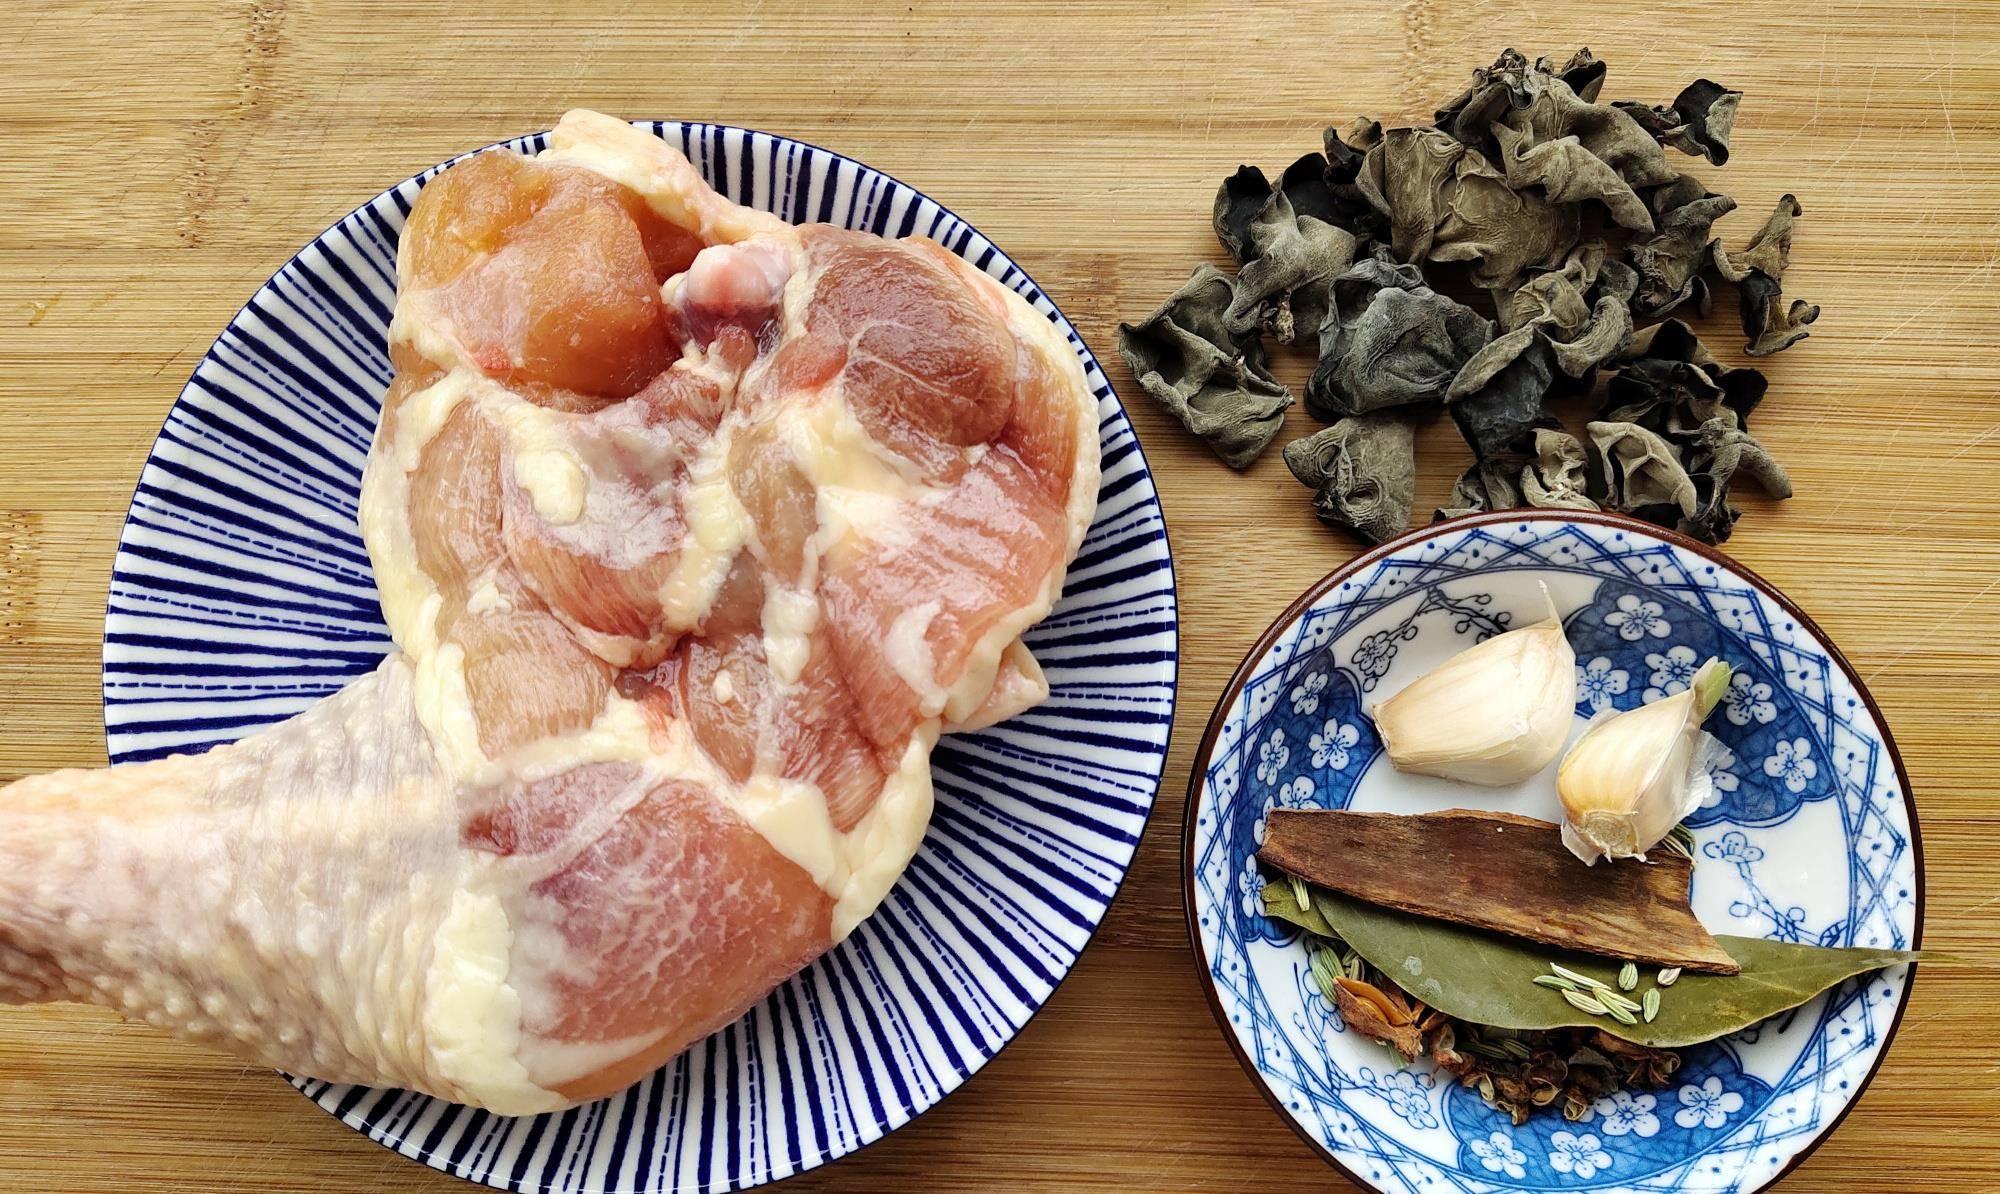 入秋后,少吃猪肉,多吃3种肉,营养滋补不发胖,顺应时节更健康  什么肉煲汤不长胖